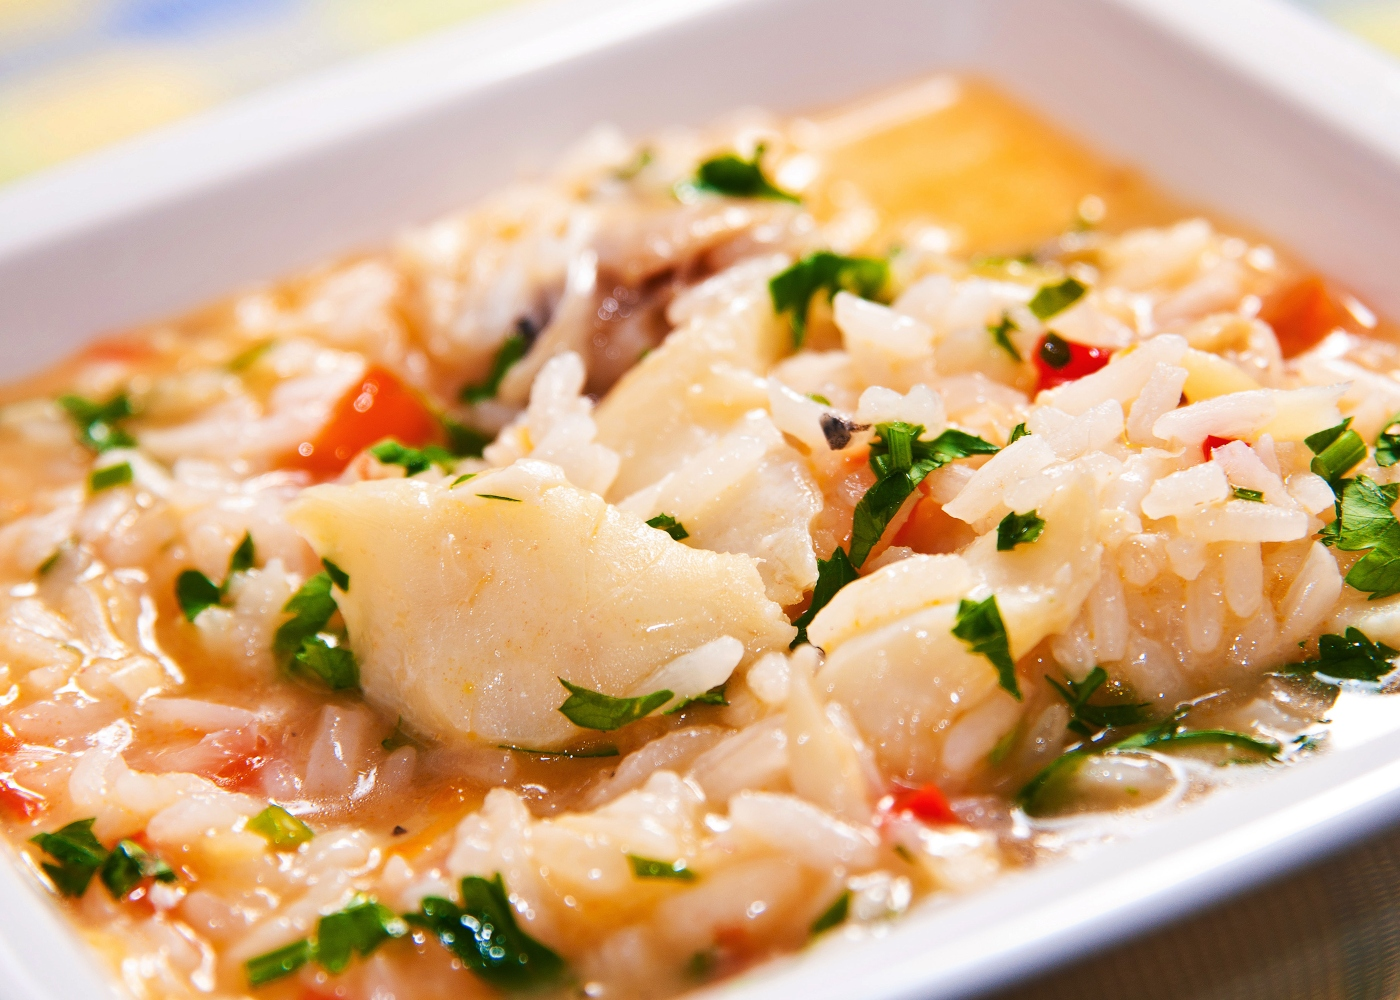 Arroz de bacalhau simples servido num prato